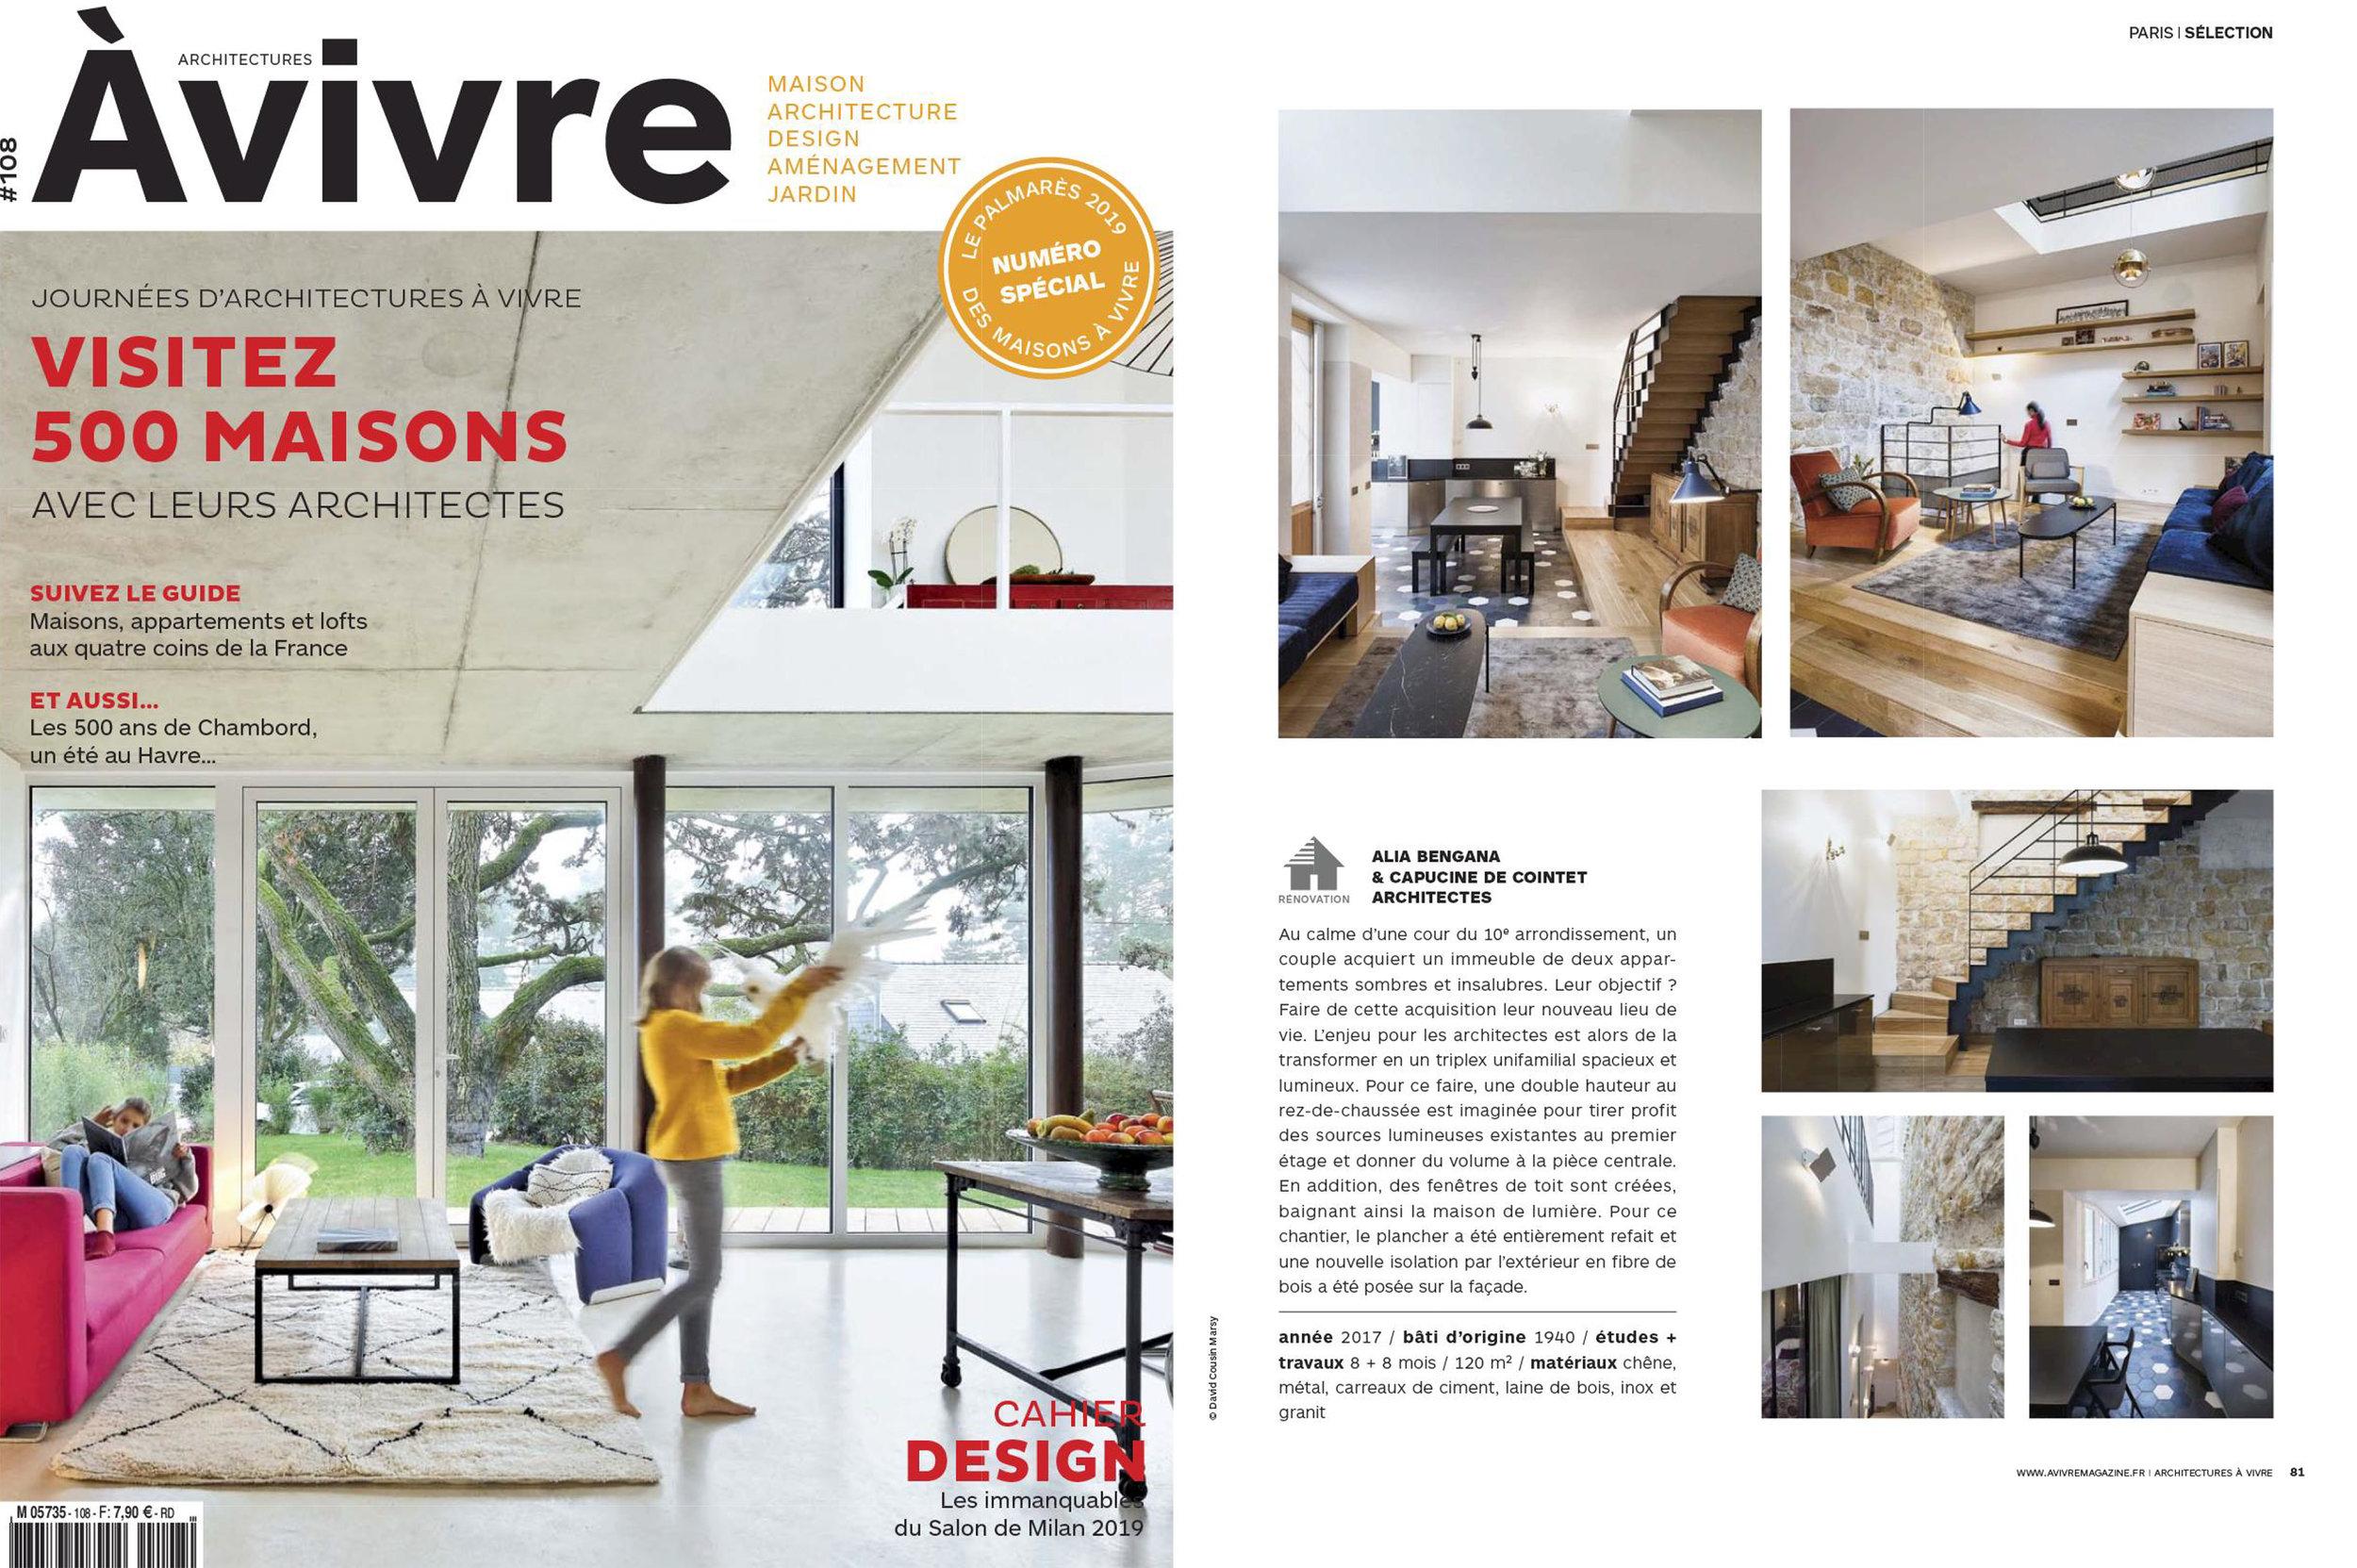 Avivre Magazine - 108-complet.jpg